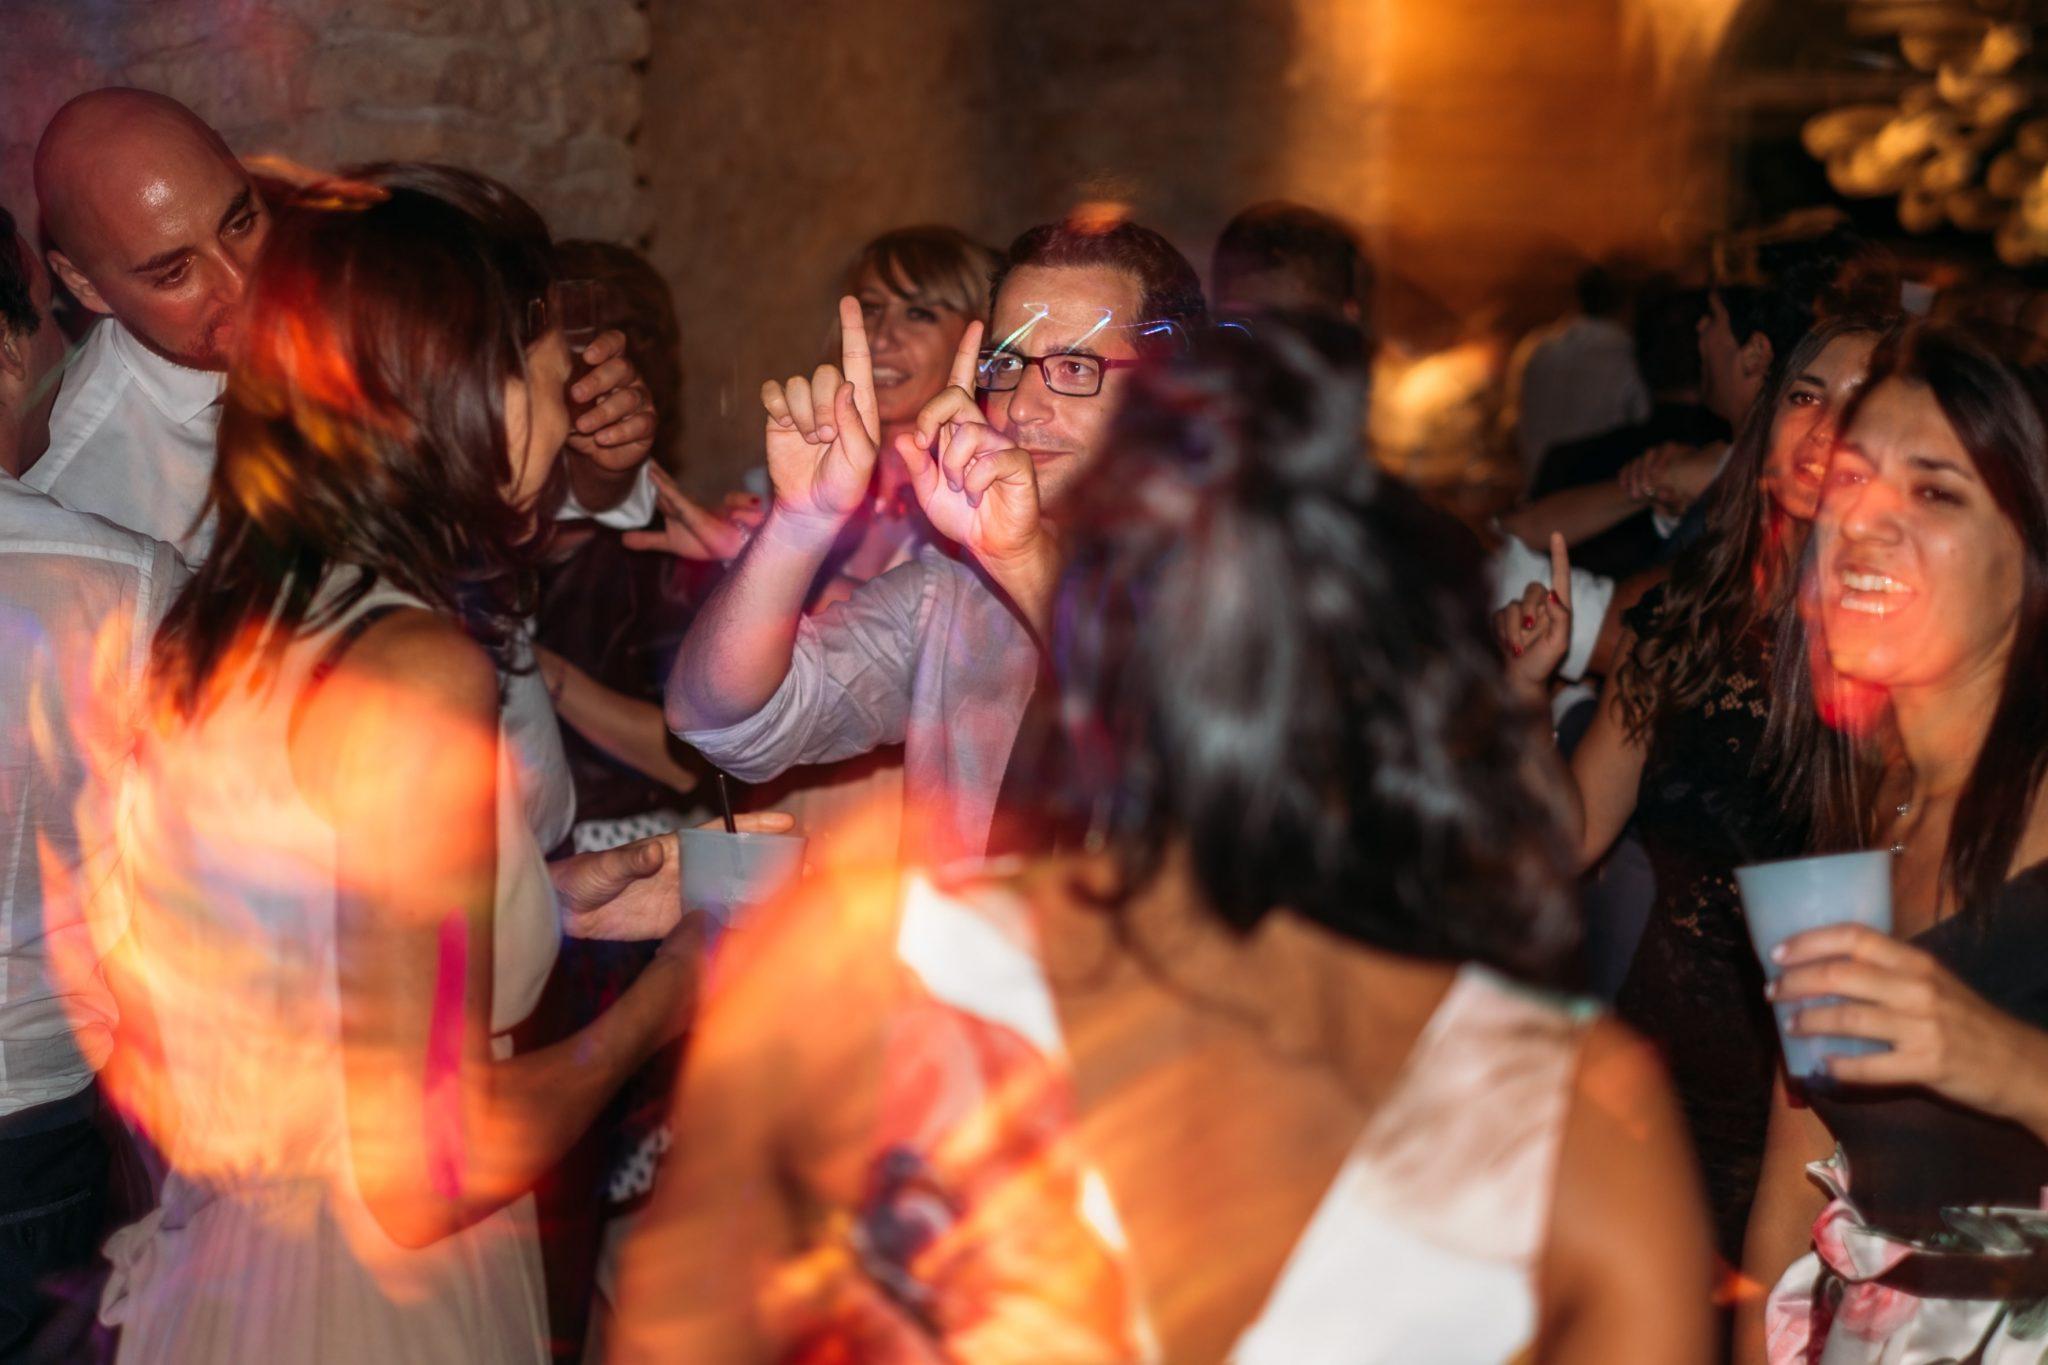 gli invitati ballano alla festa notturna del matrimonio